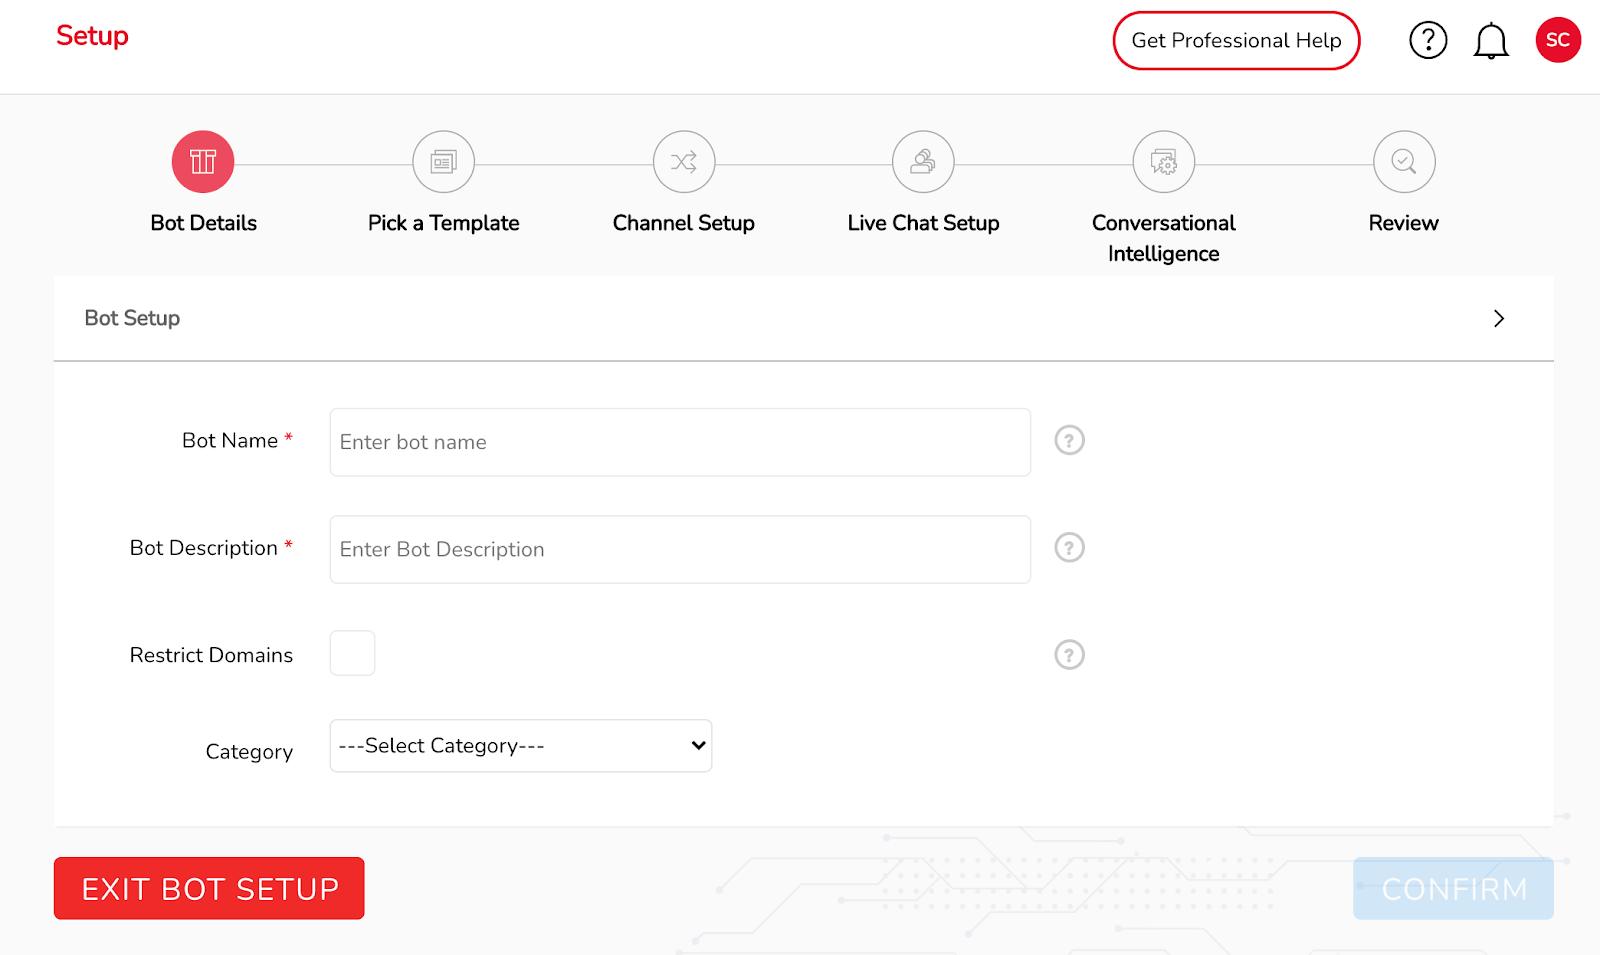 Chatbot setup details